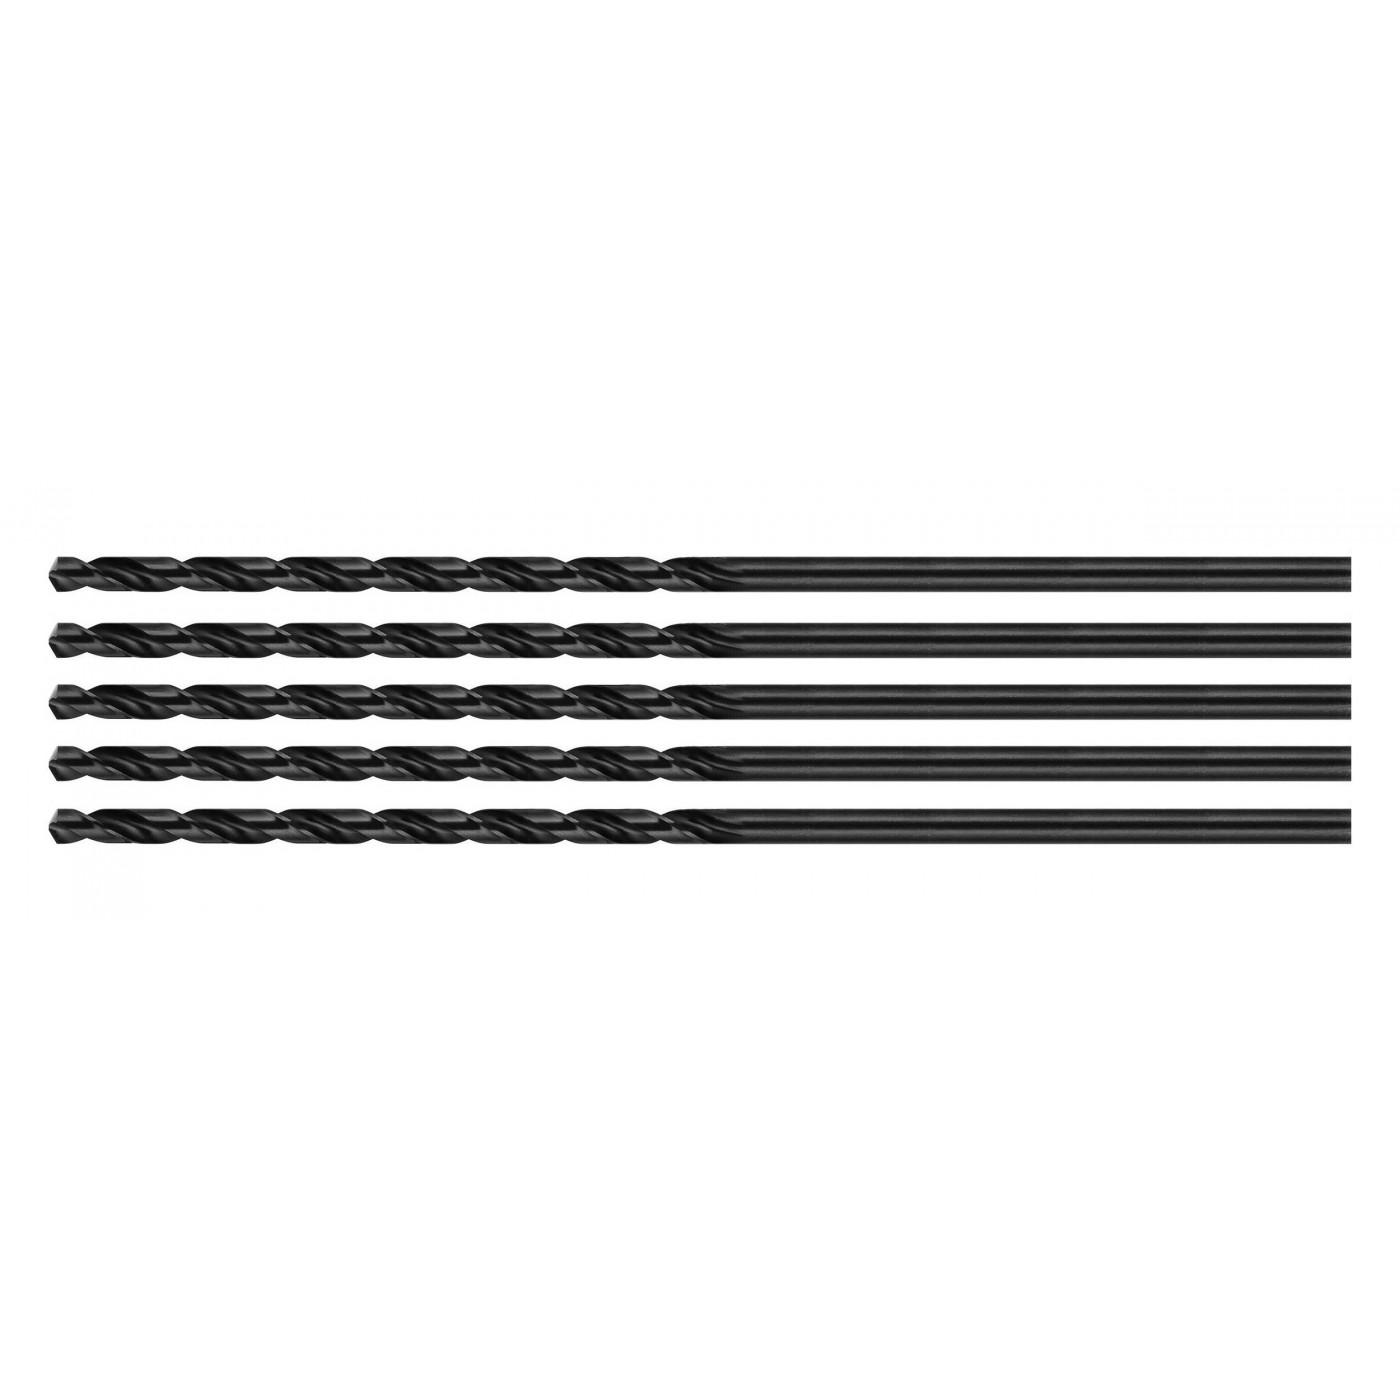 Set von 5 metalbohrer, extra lange (5.0x300 mm)